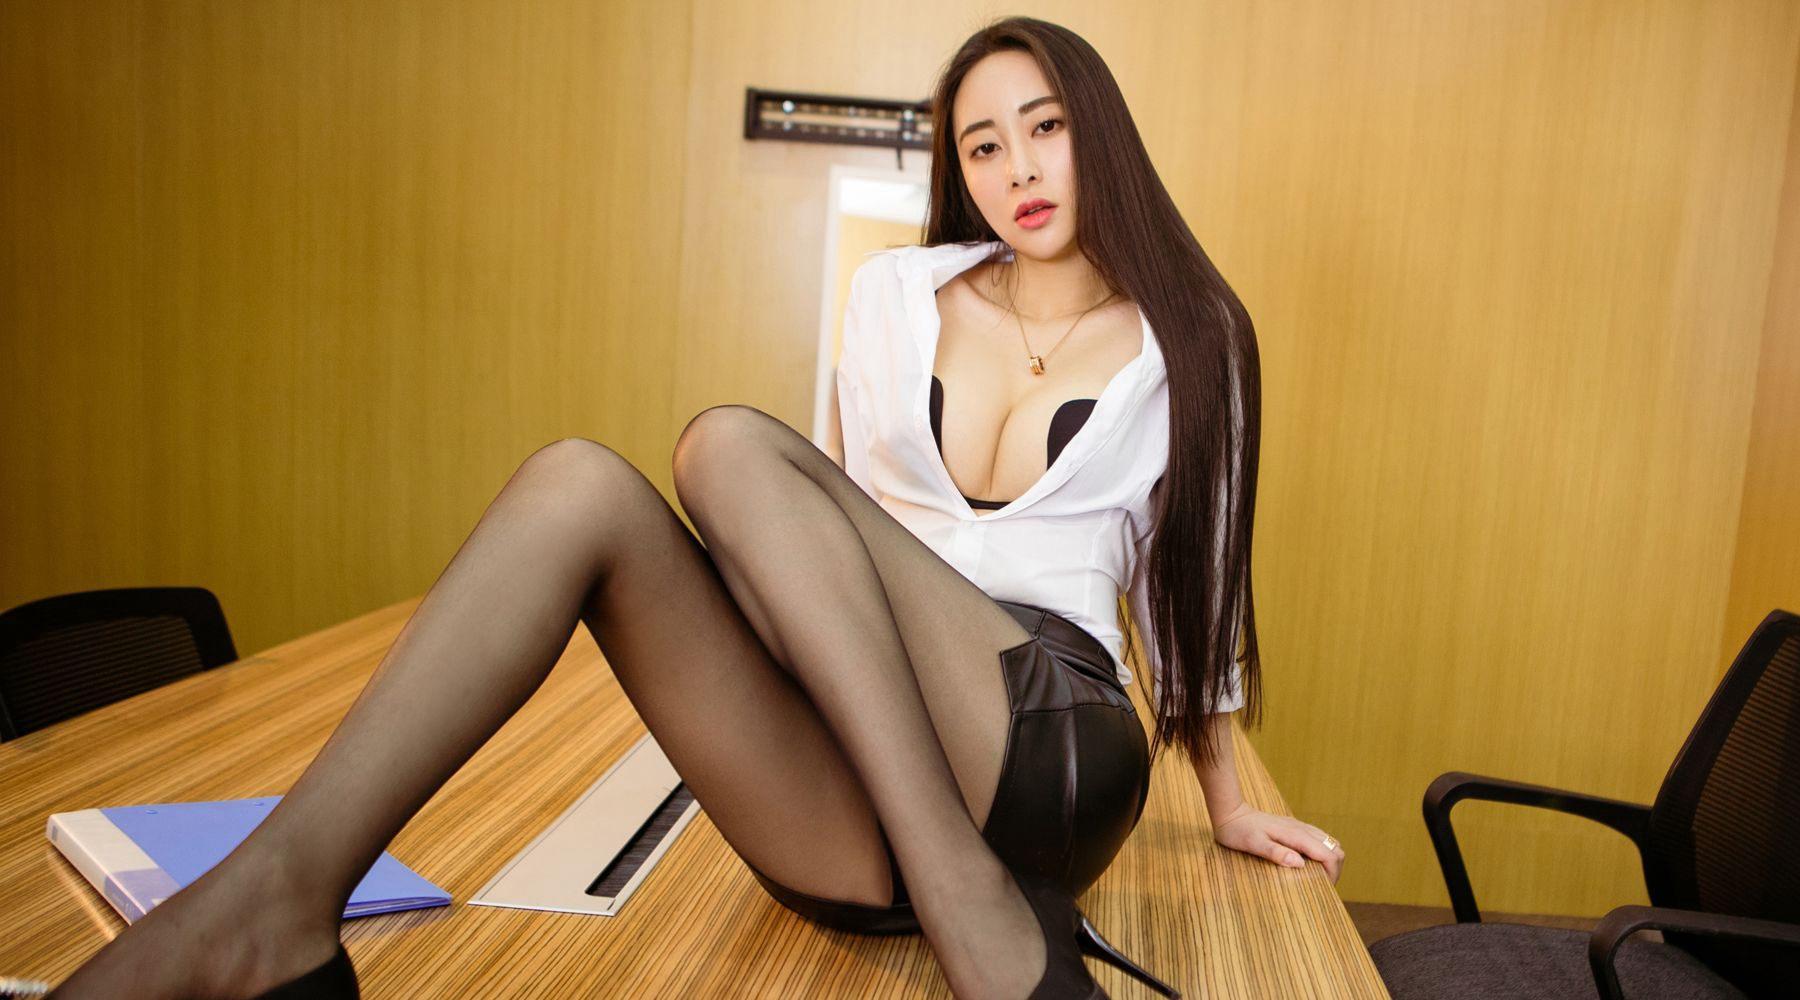 办公室女秘书黑色丝袜诱惑美腿制服性感写真